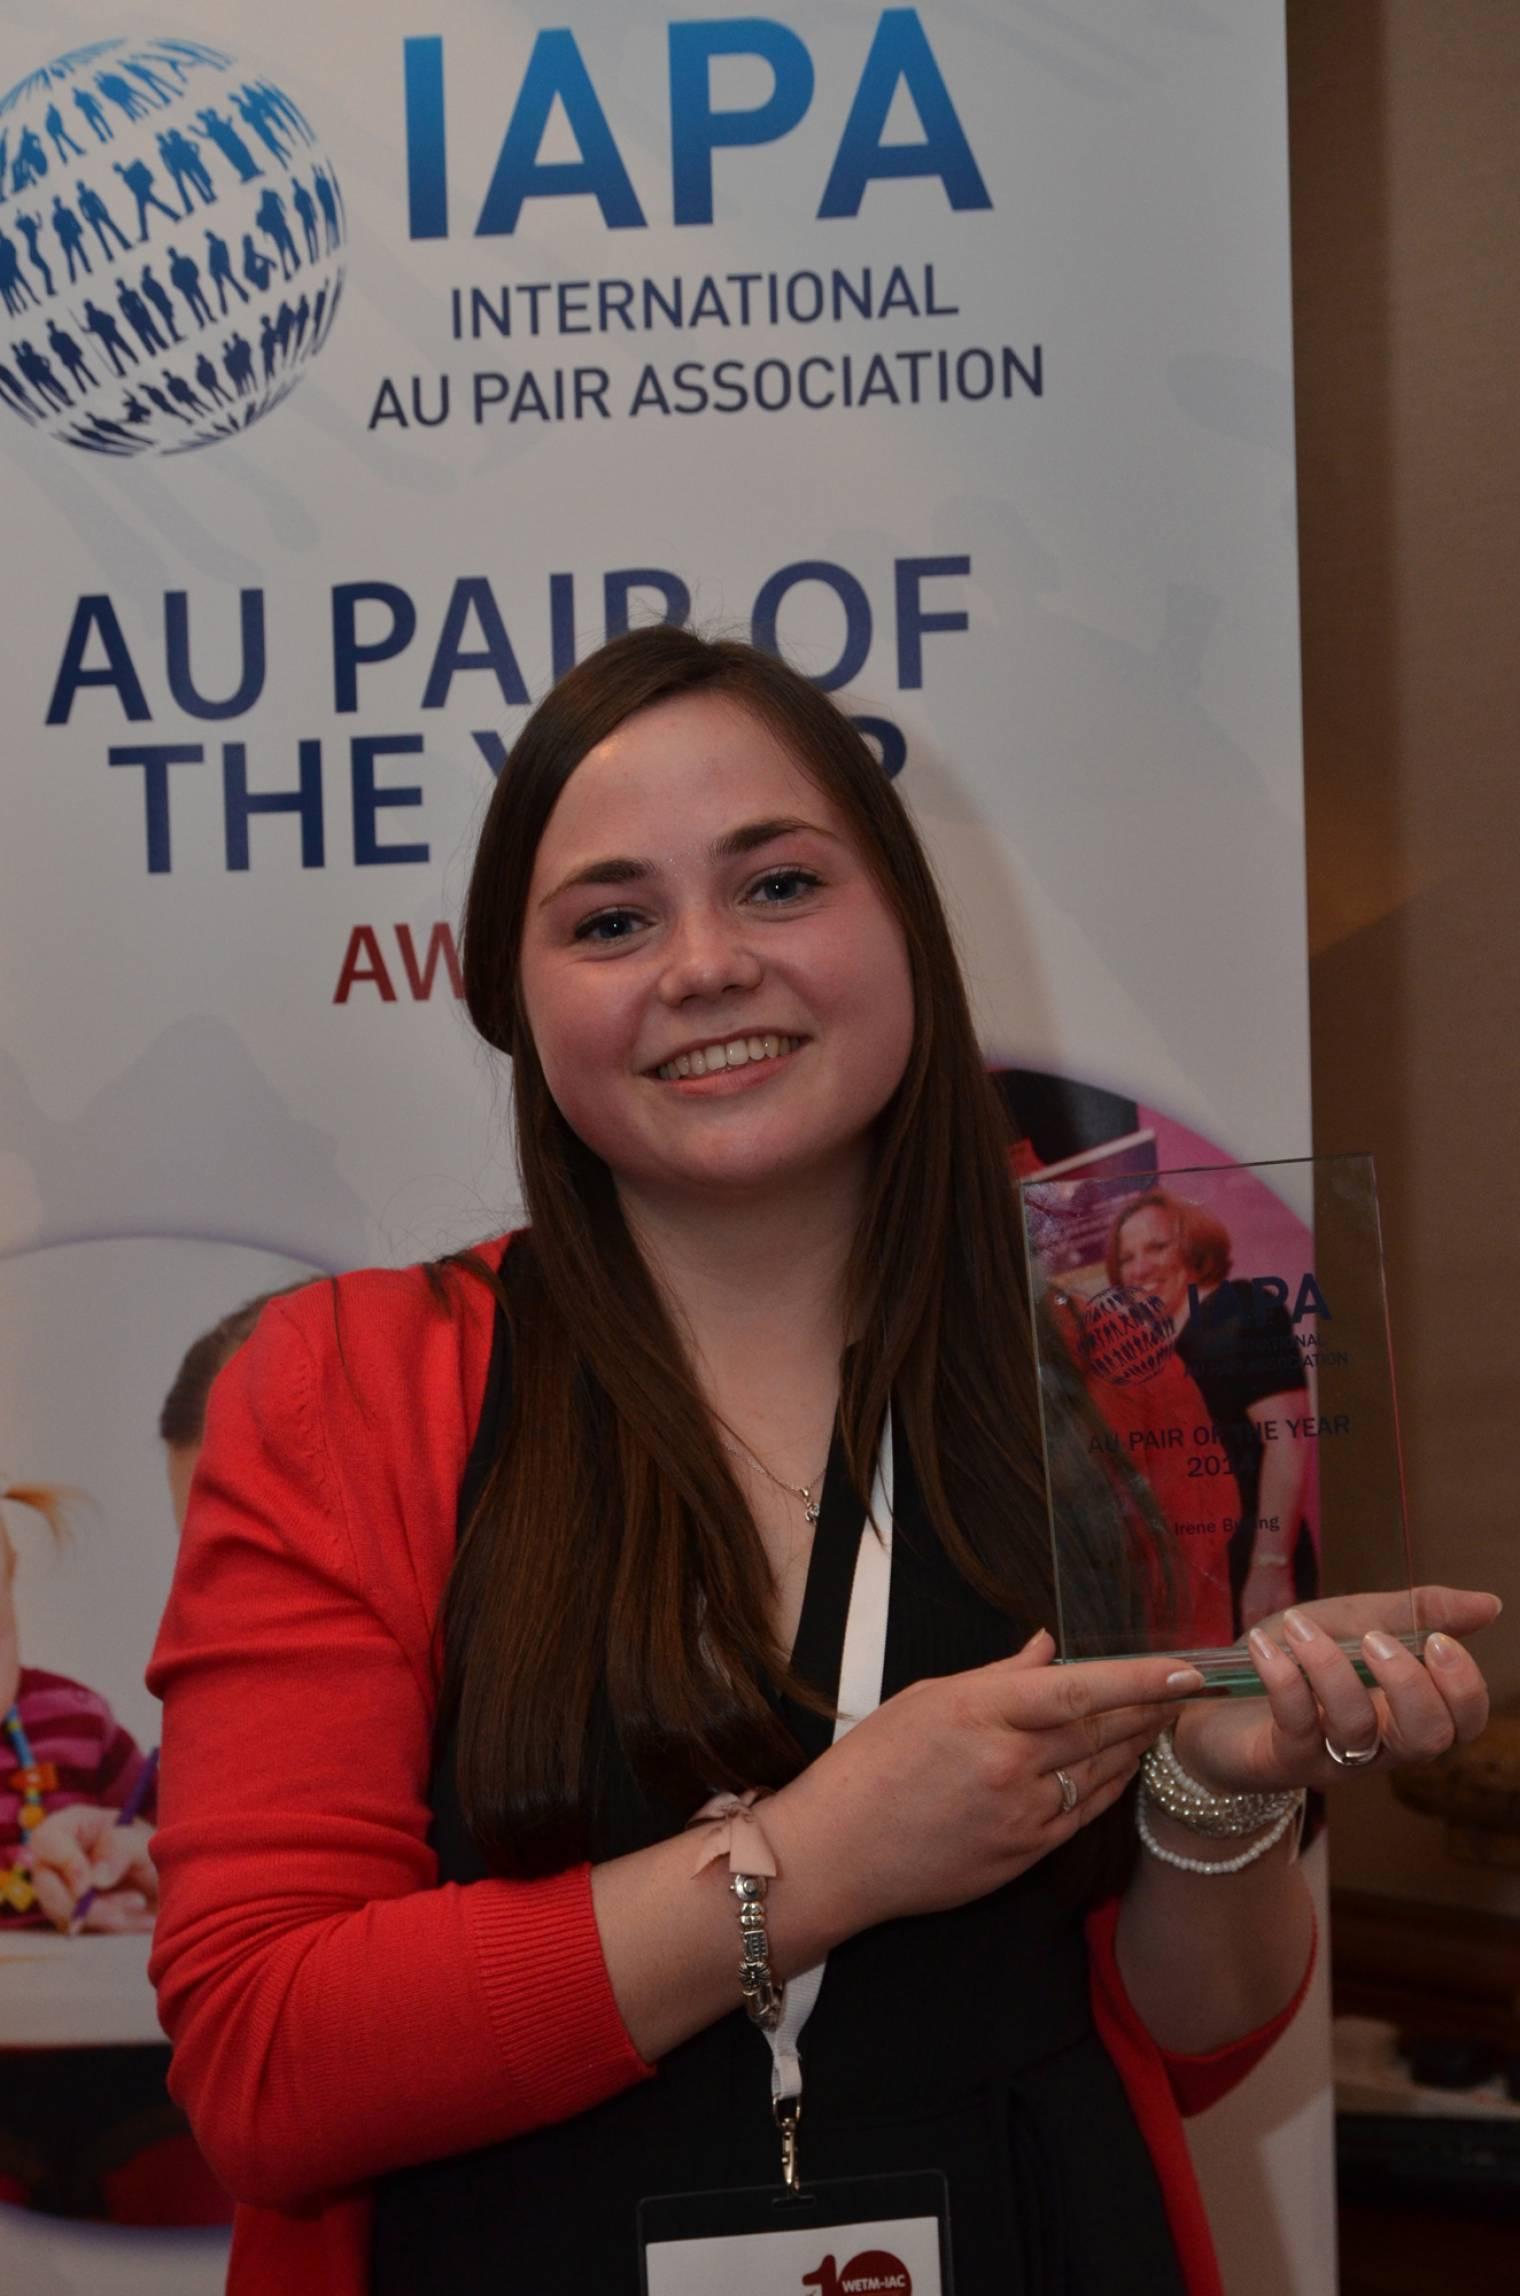 Au Pair of the Year 2014 named as WETM-IAC 2014 gets underway in London